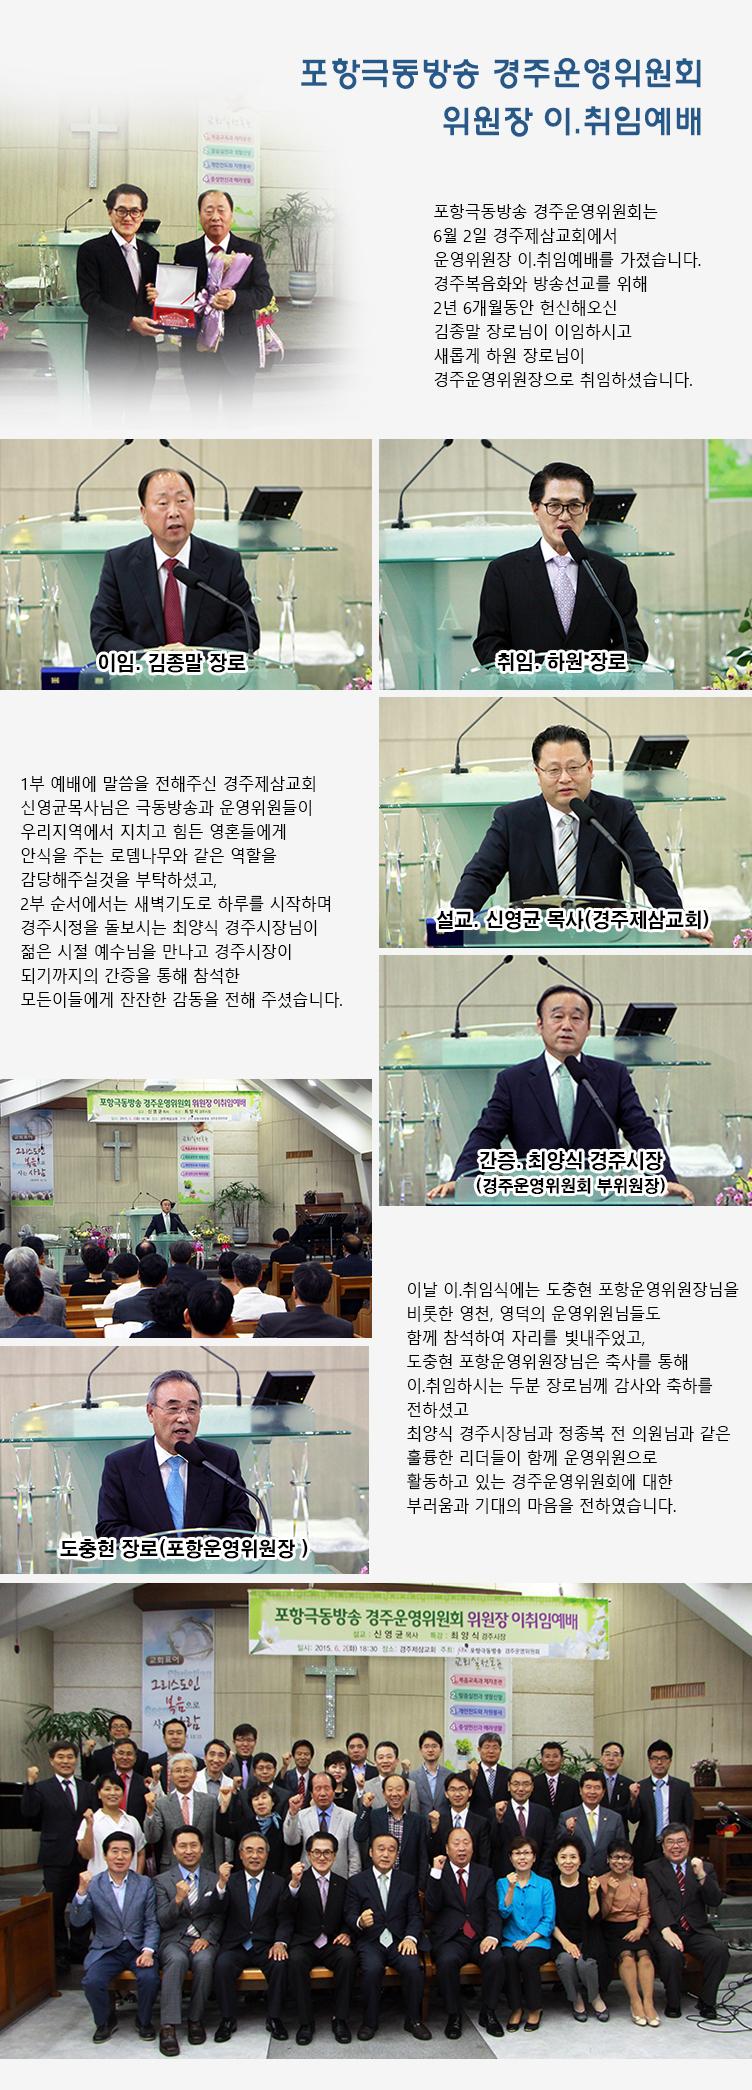 20150602 경주운영위원장이취임예배.jpg